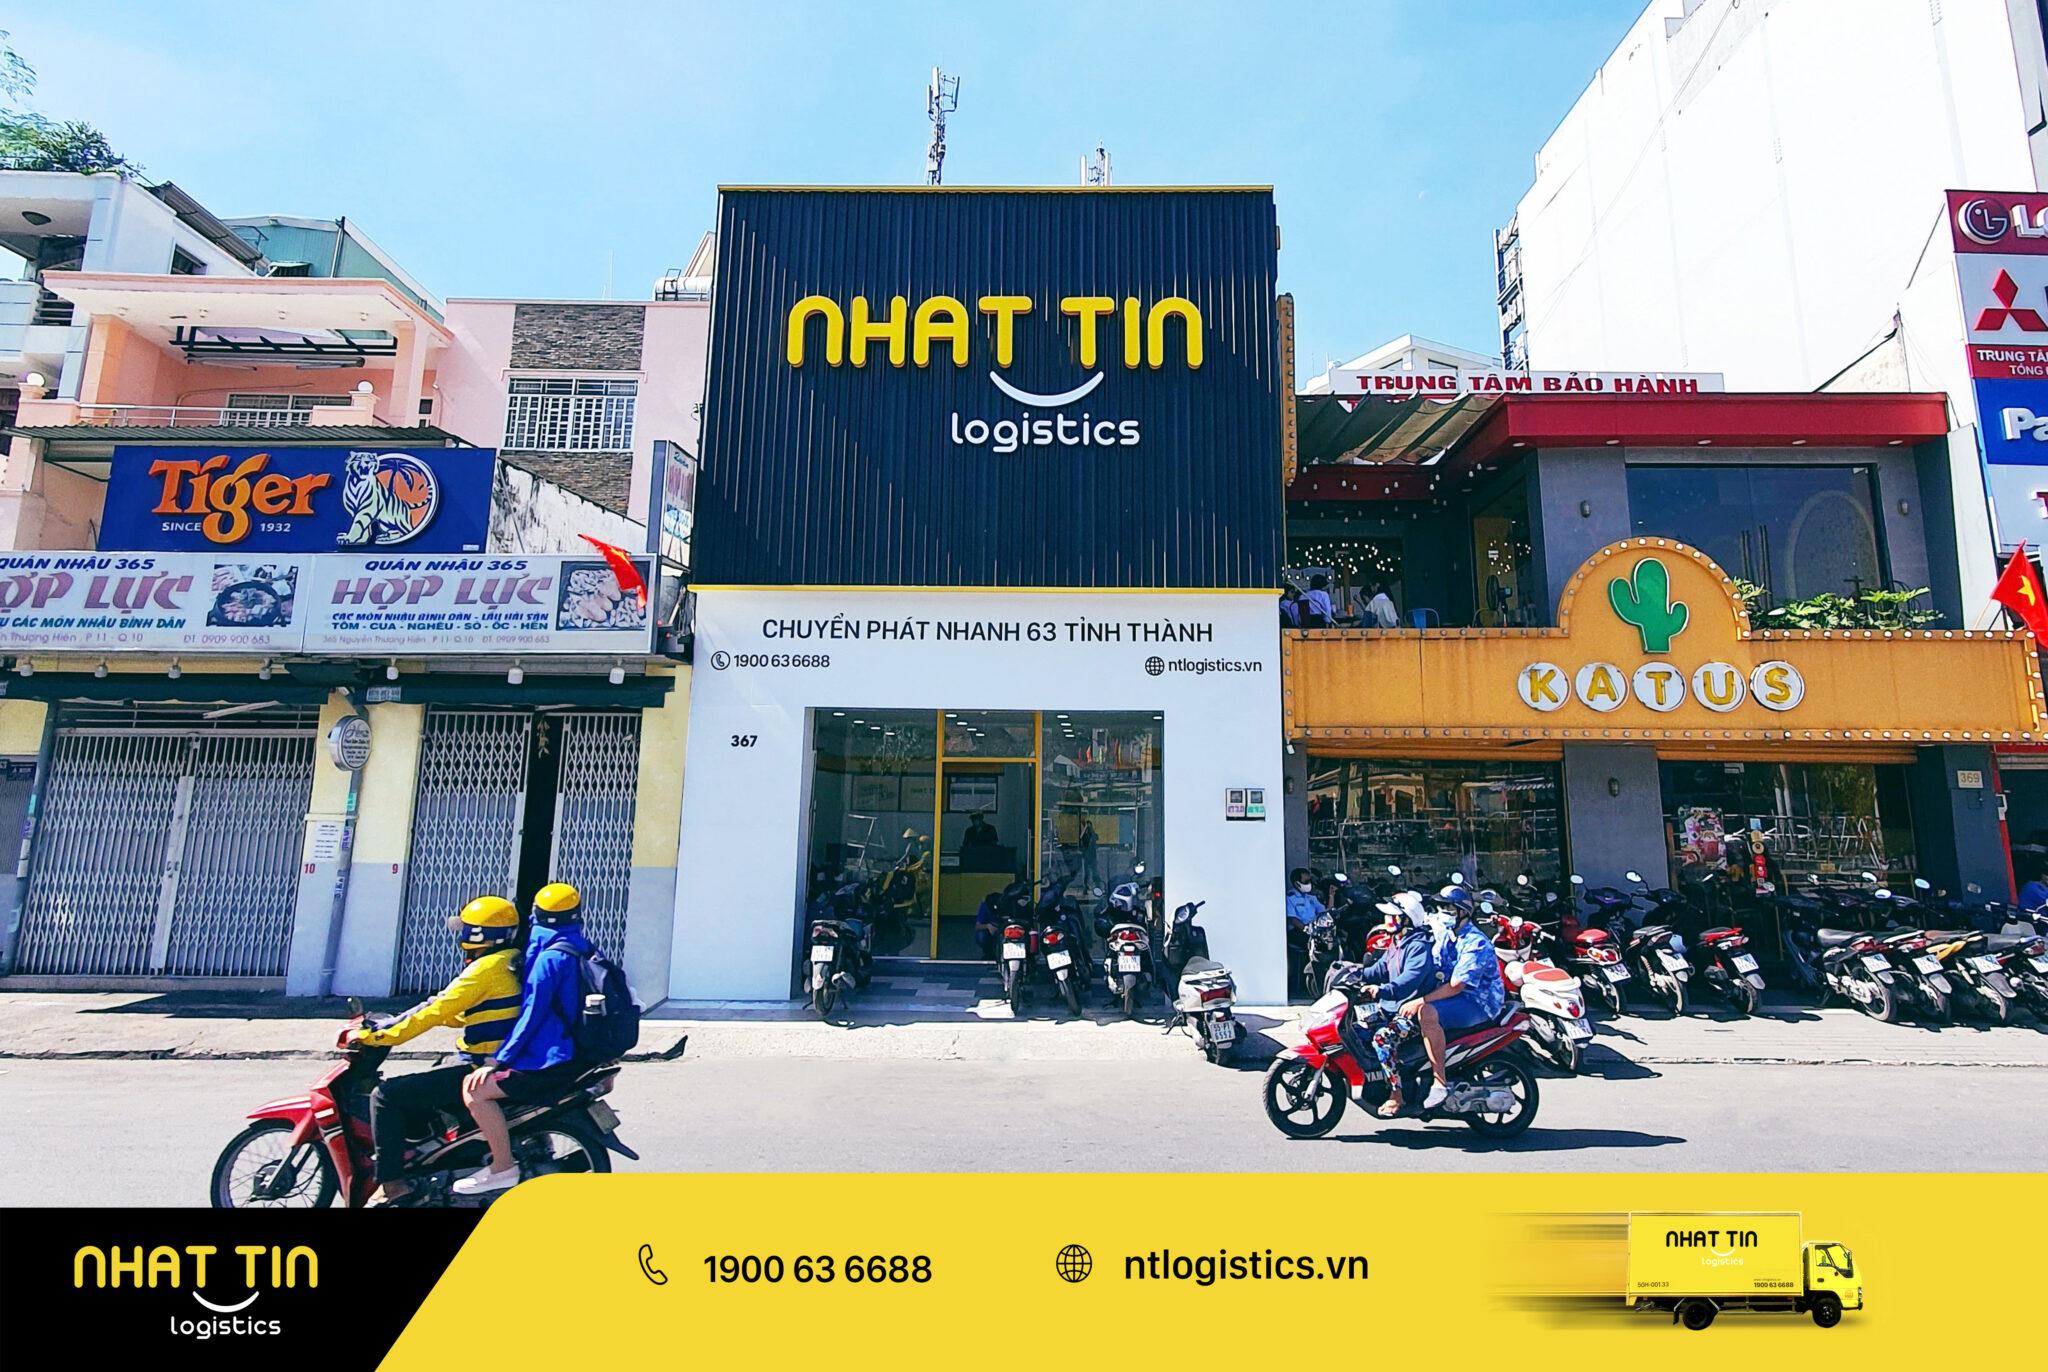 Công ty chuyển phát nhanh Nhất Tín Logistics - Bưu cục Quận 8, 41 Đường số 5, khu dân cư Him Lam, Xã Bình Hưng, Bình Chánh